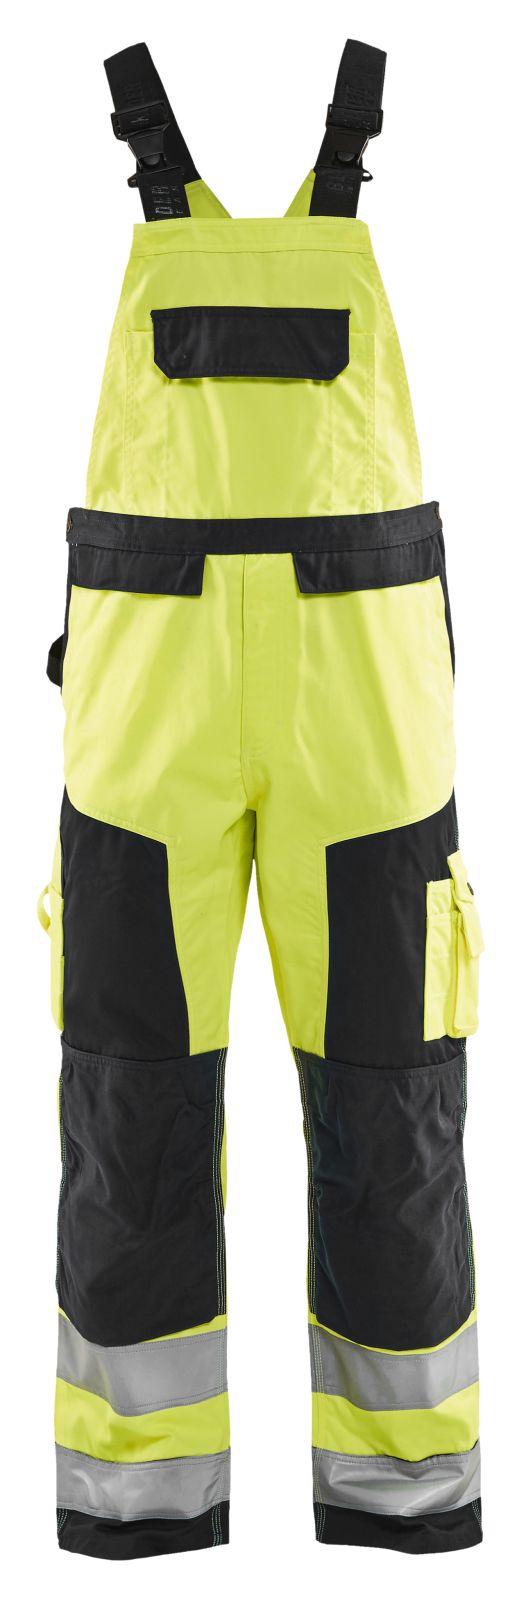 Blaklader Amerikaanse overalls 26601804 High Vis geel-zwart(3399)